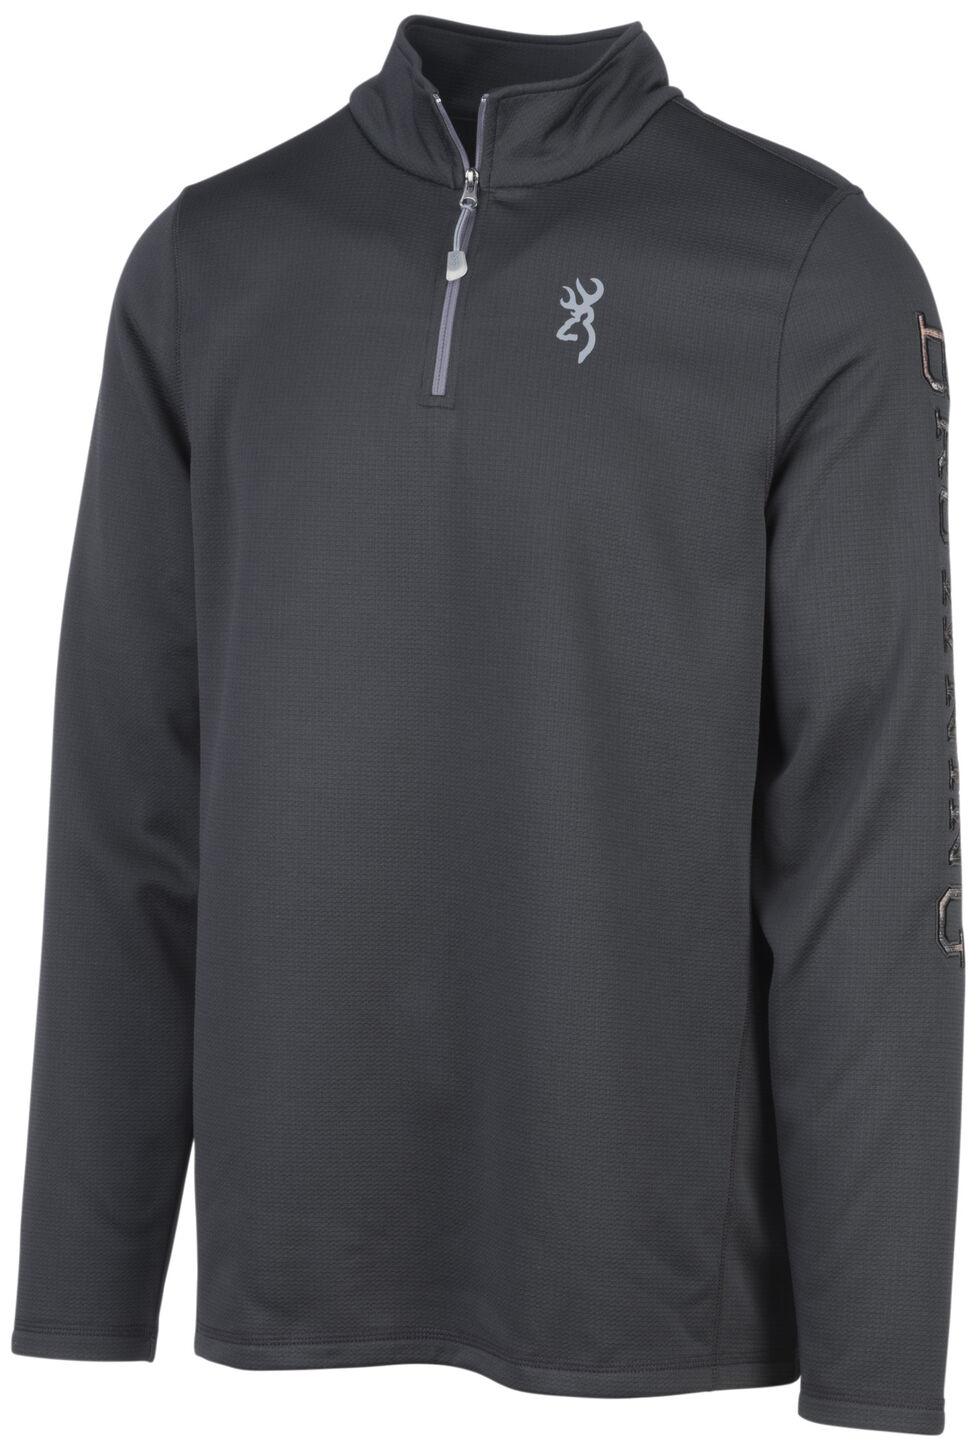 Browning Men's Black Pitch Quarter Zip Pullover , Black, hi-res